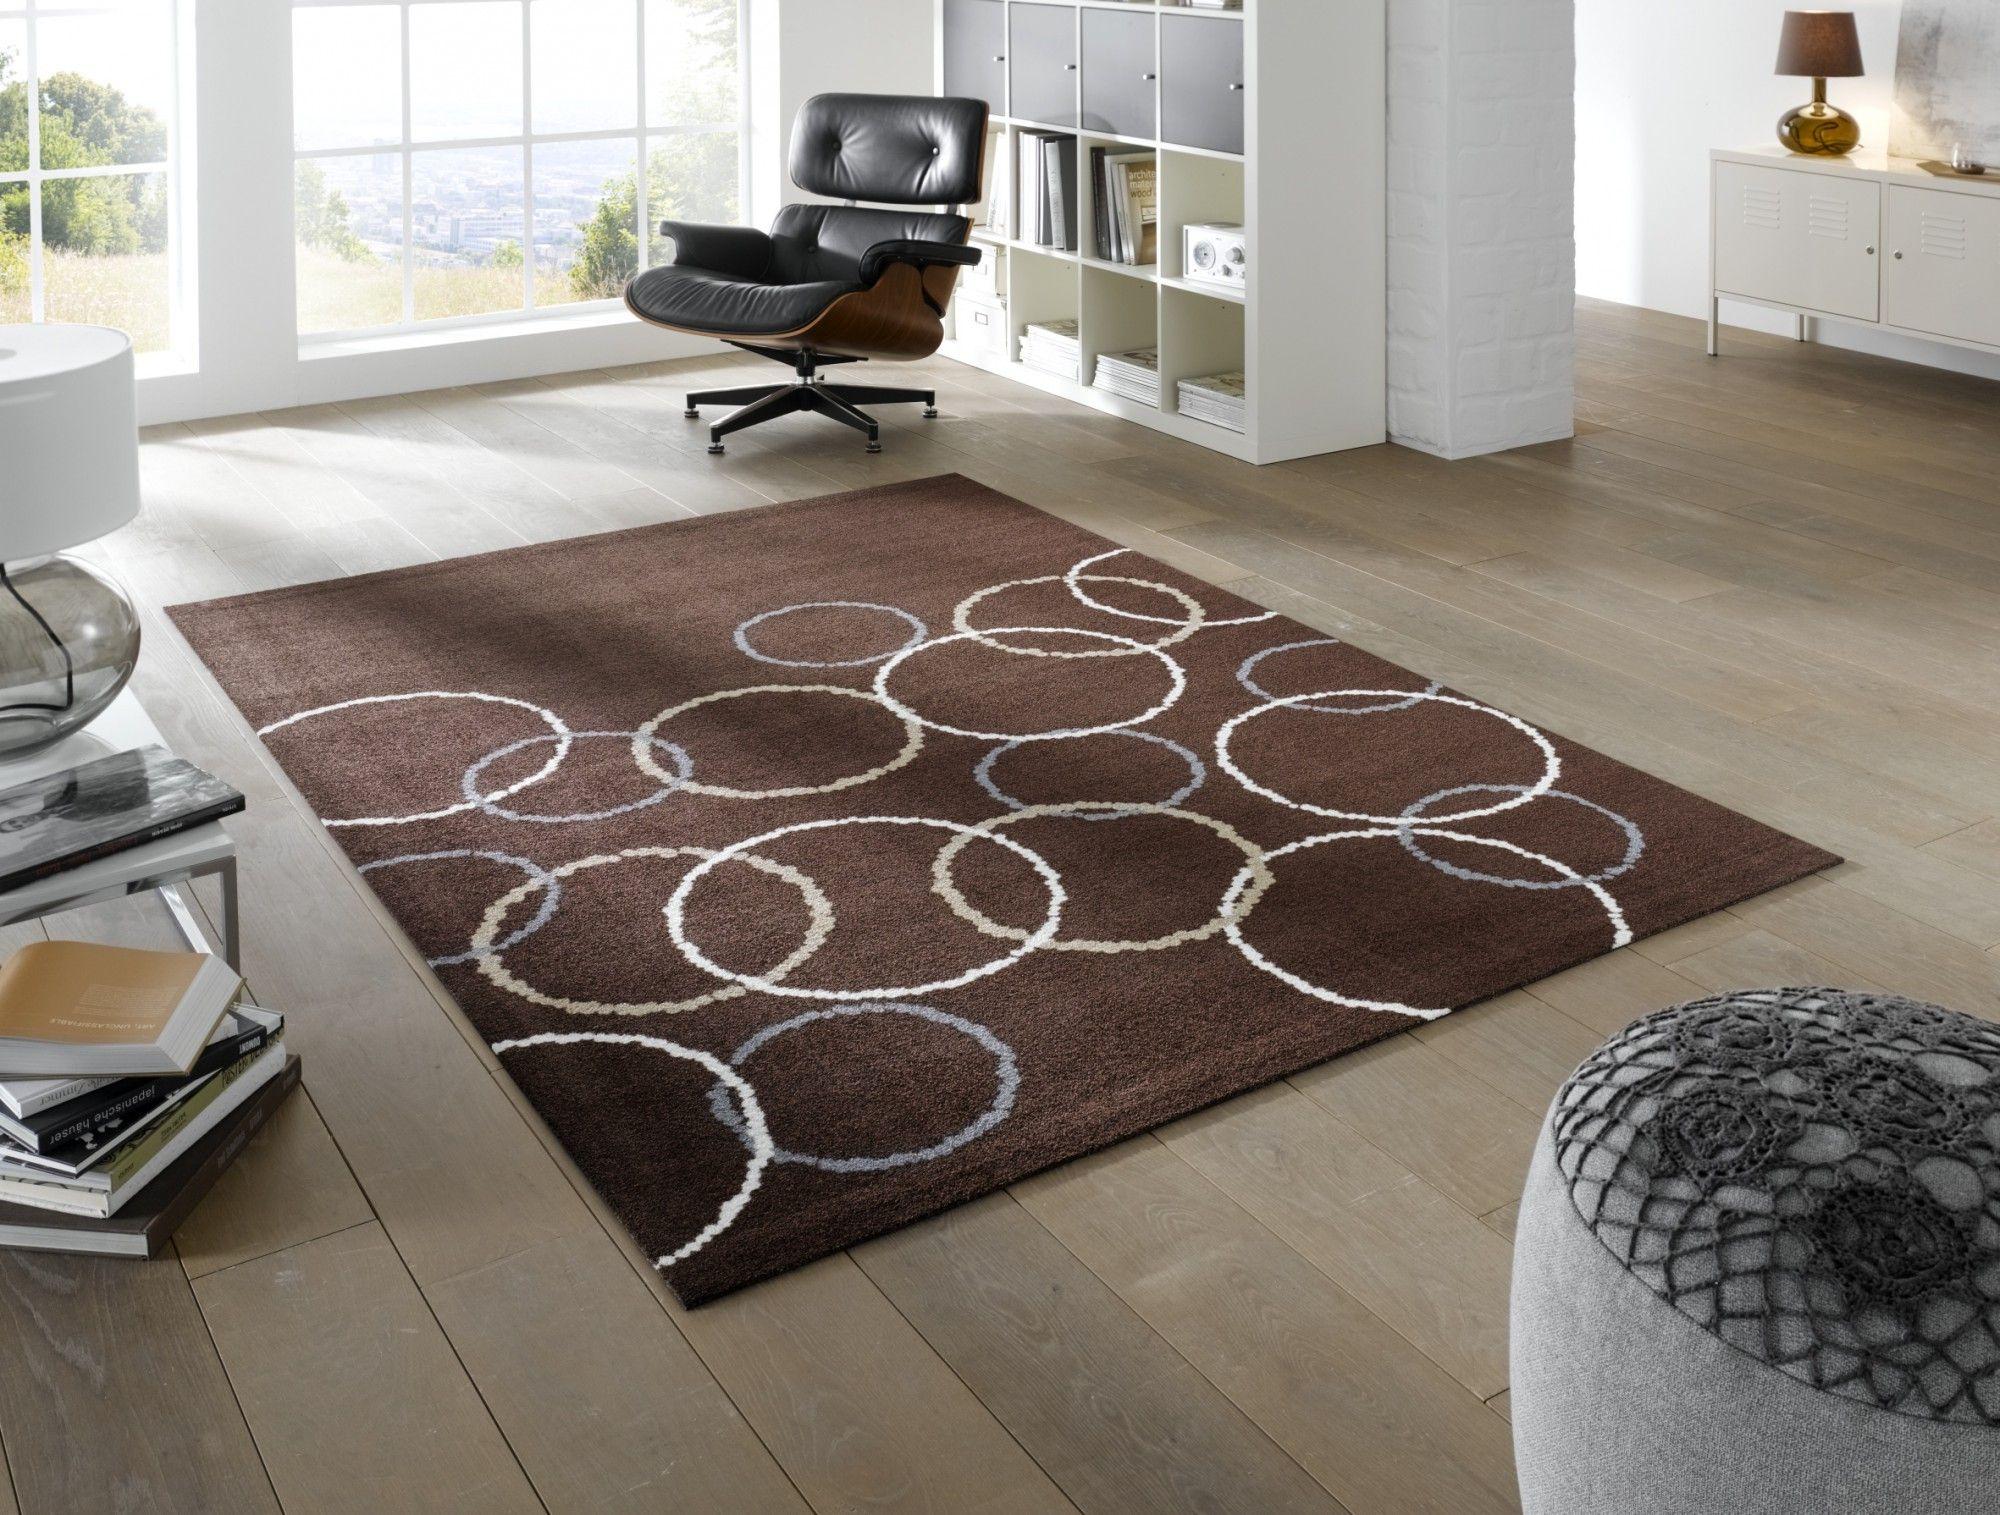 Teppich Auslegeware. Teppich Auslegware With Teppich Auslegeware